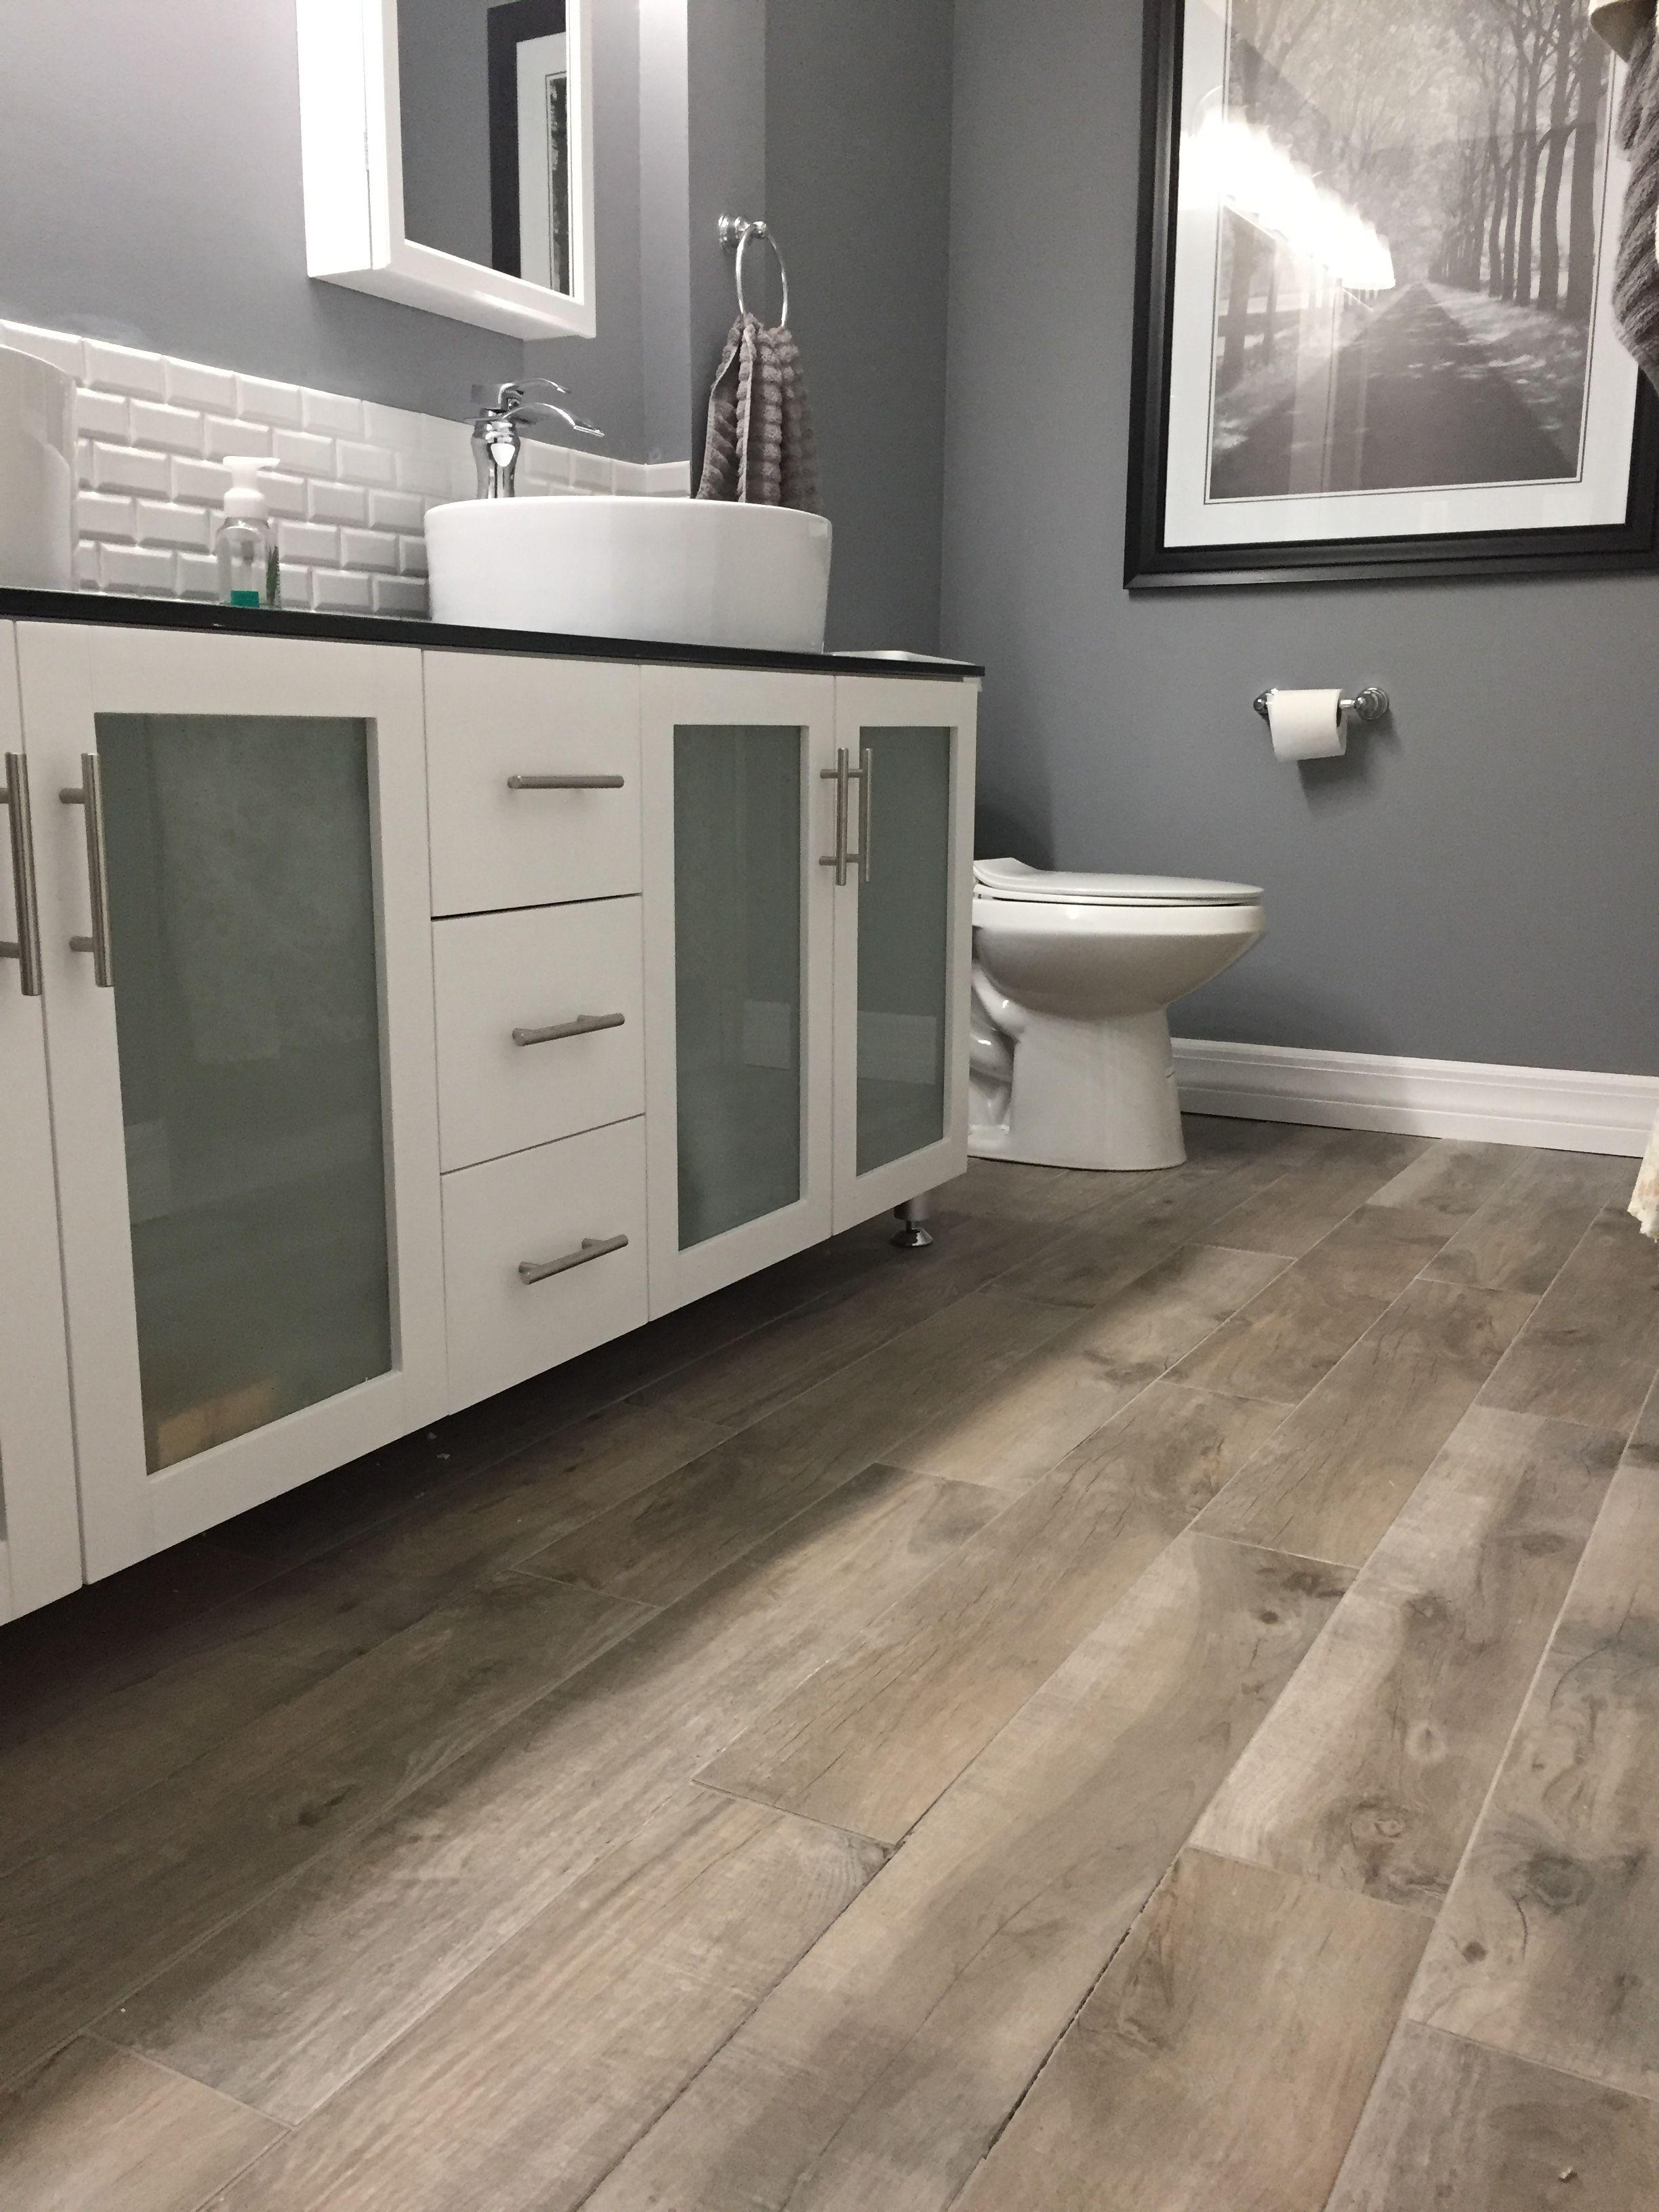 Tile Floor Looks Like Rustic Wood Planks Home Depot Rustic